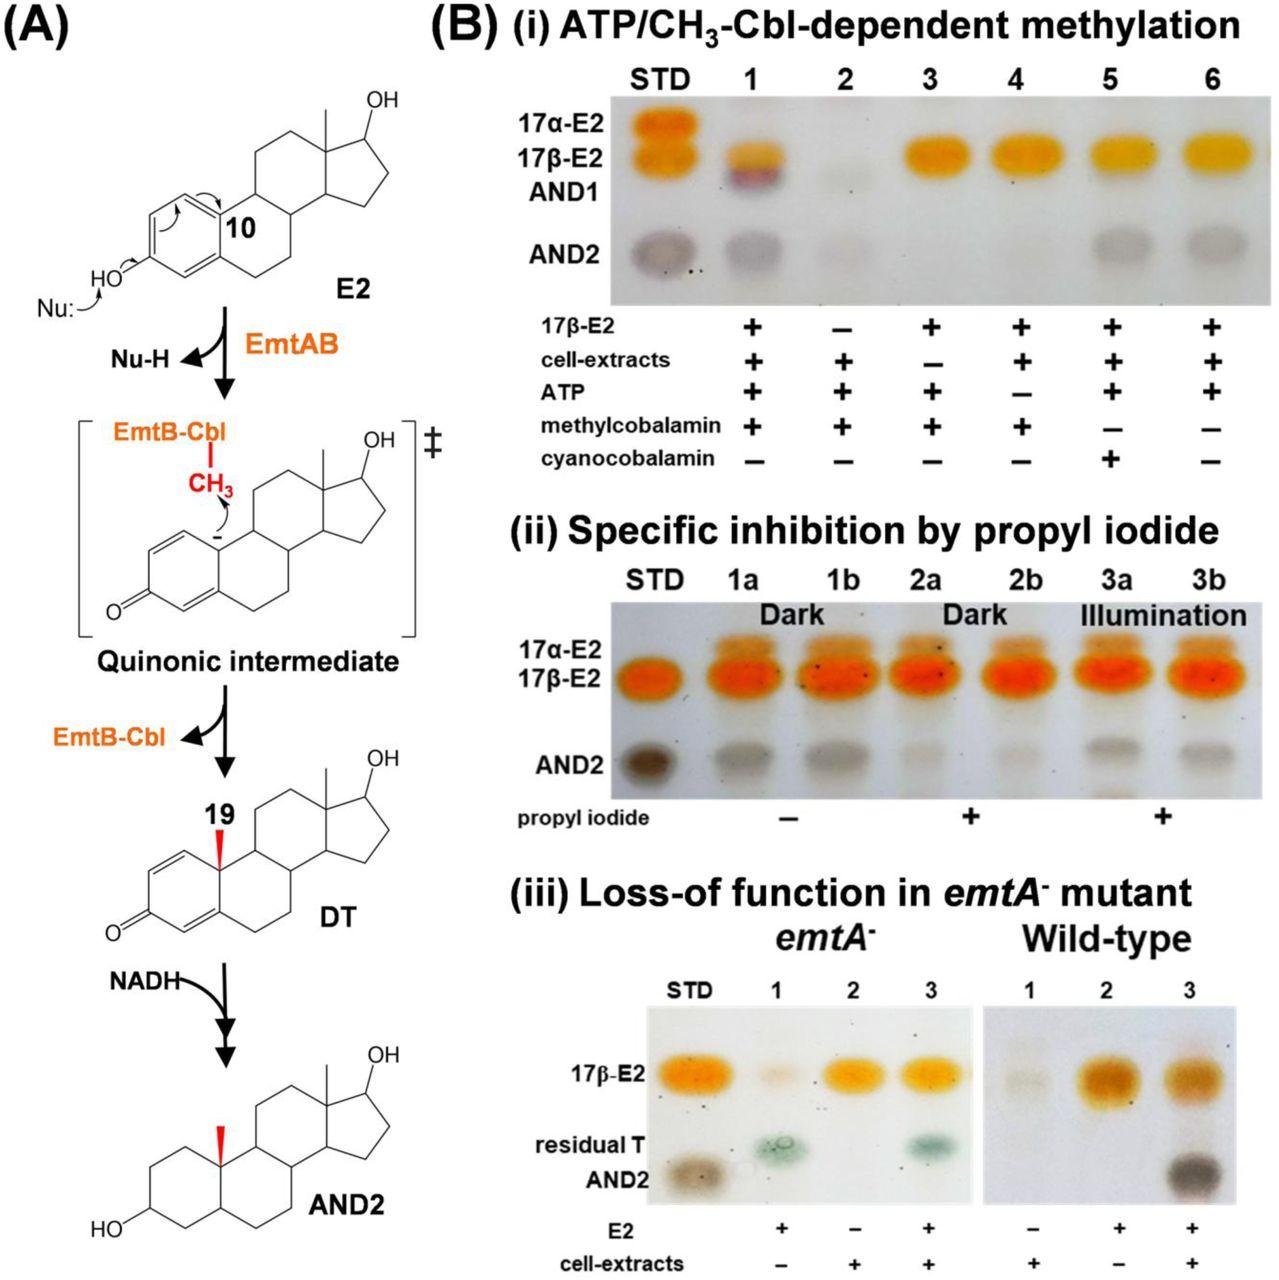 Retroconversion of estrogens into androgens by bacteria via